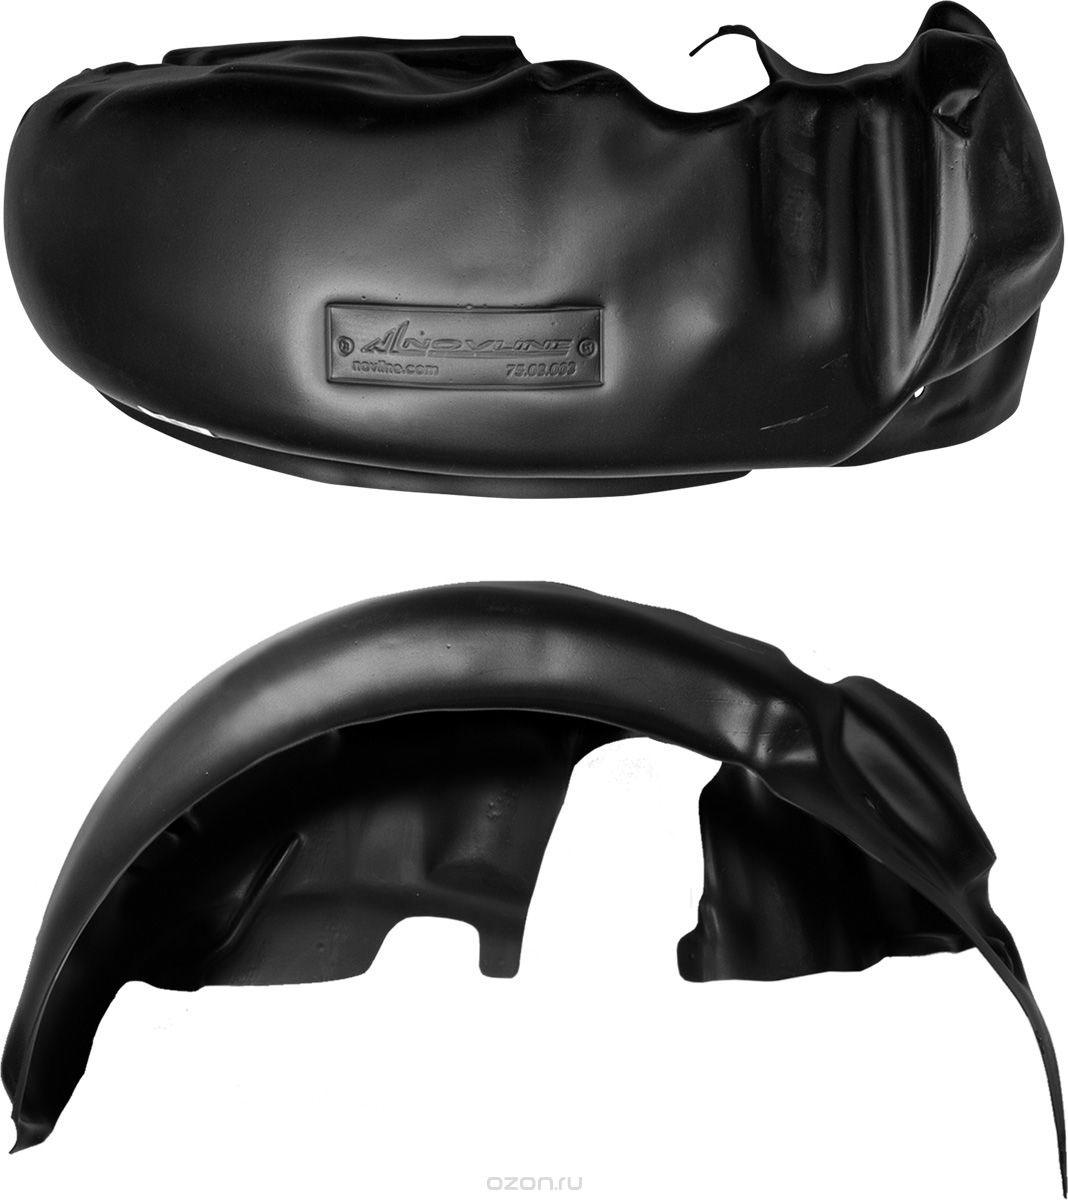 Подкрылок Novline-Autofamily, для Chevrolet Aveo, 2012->, седан, хэтчбек, передний левыйNLL.08.15.001Идеальная защита колесной ниши. Локеры разработаны с применением цифровых технологий, гарантируют максимальную повторяемость поверхности арки. Изделия устанавливаются без нарушения лакокрасочного покрытия автомобиля, каждый подкрылок комплектуется крепежом. Уважаемые клиенты, обращаем ваше внимание, что фотографии на подкрылки универсальные и не отражают реальную форму изделия. При этом само изделие идет точно под размер указанного автомобиля.